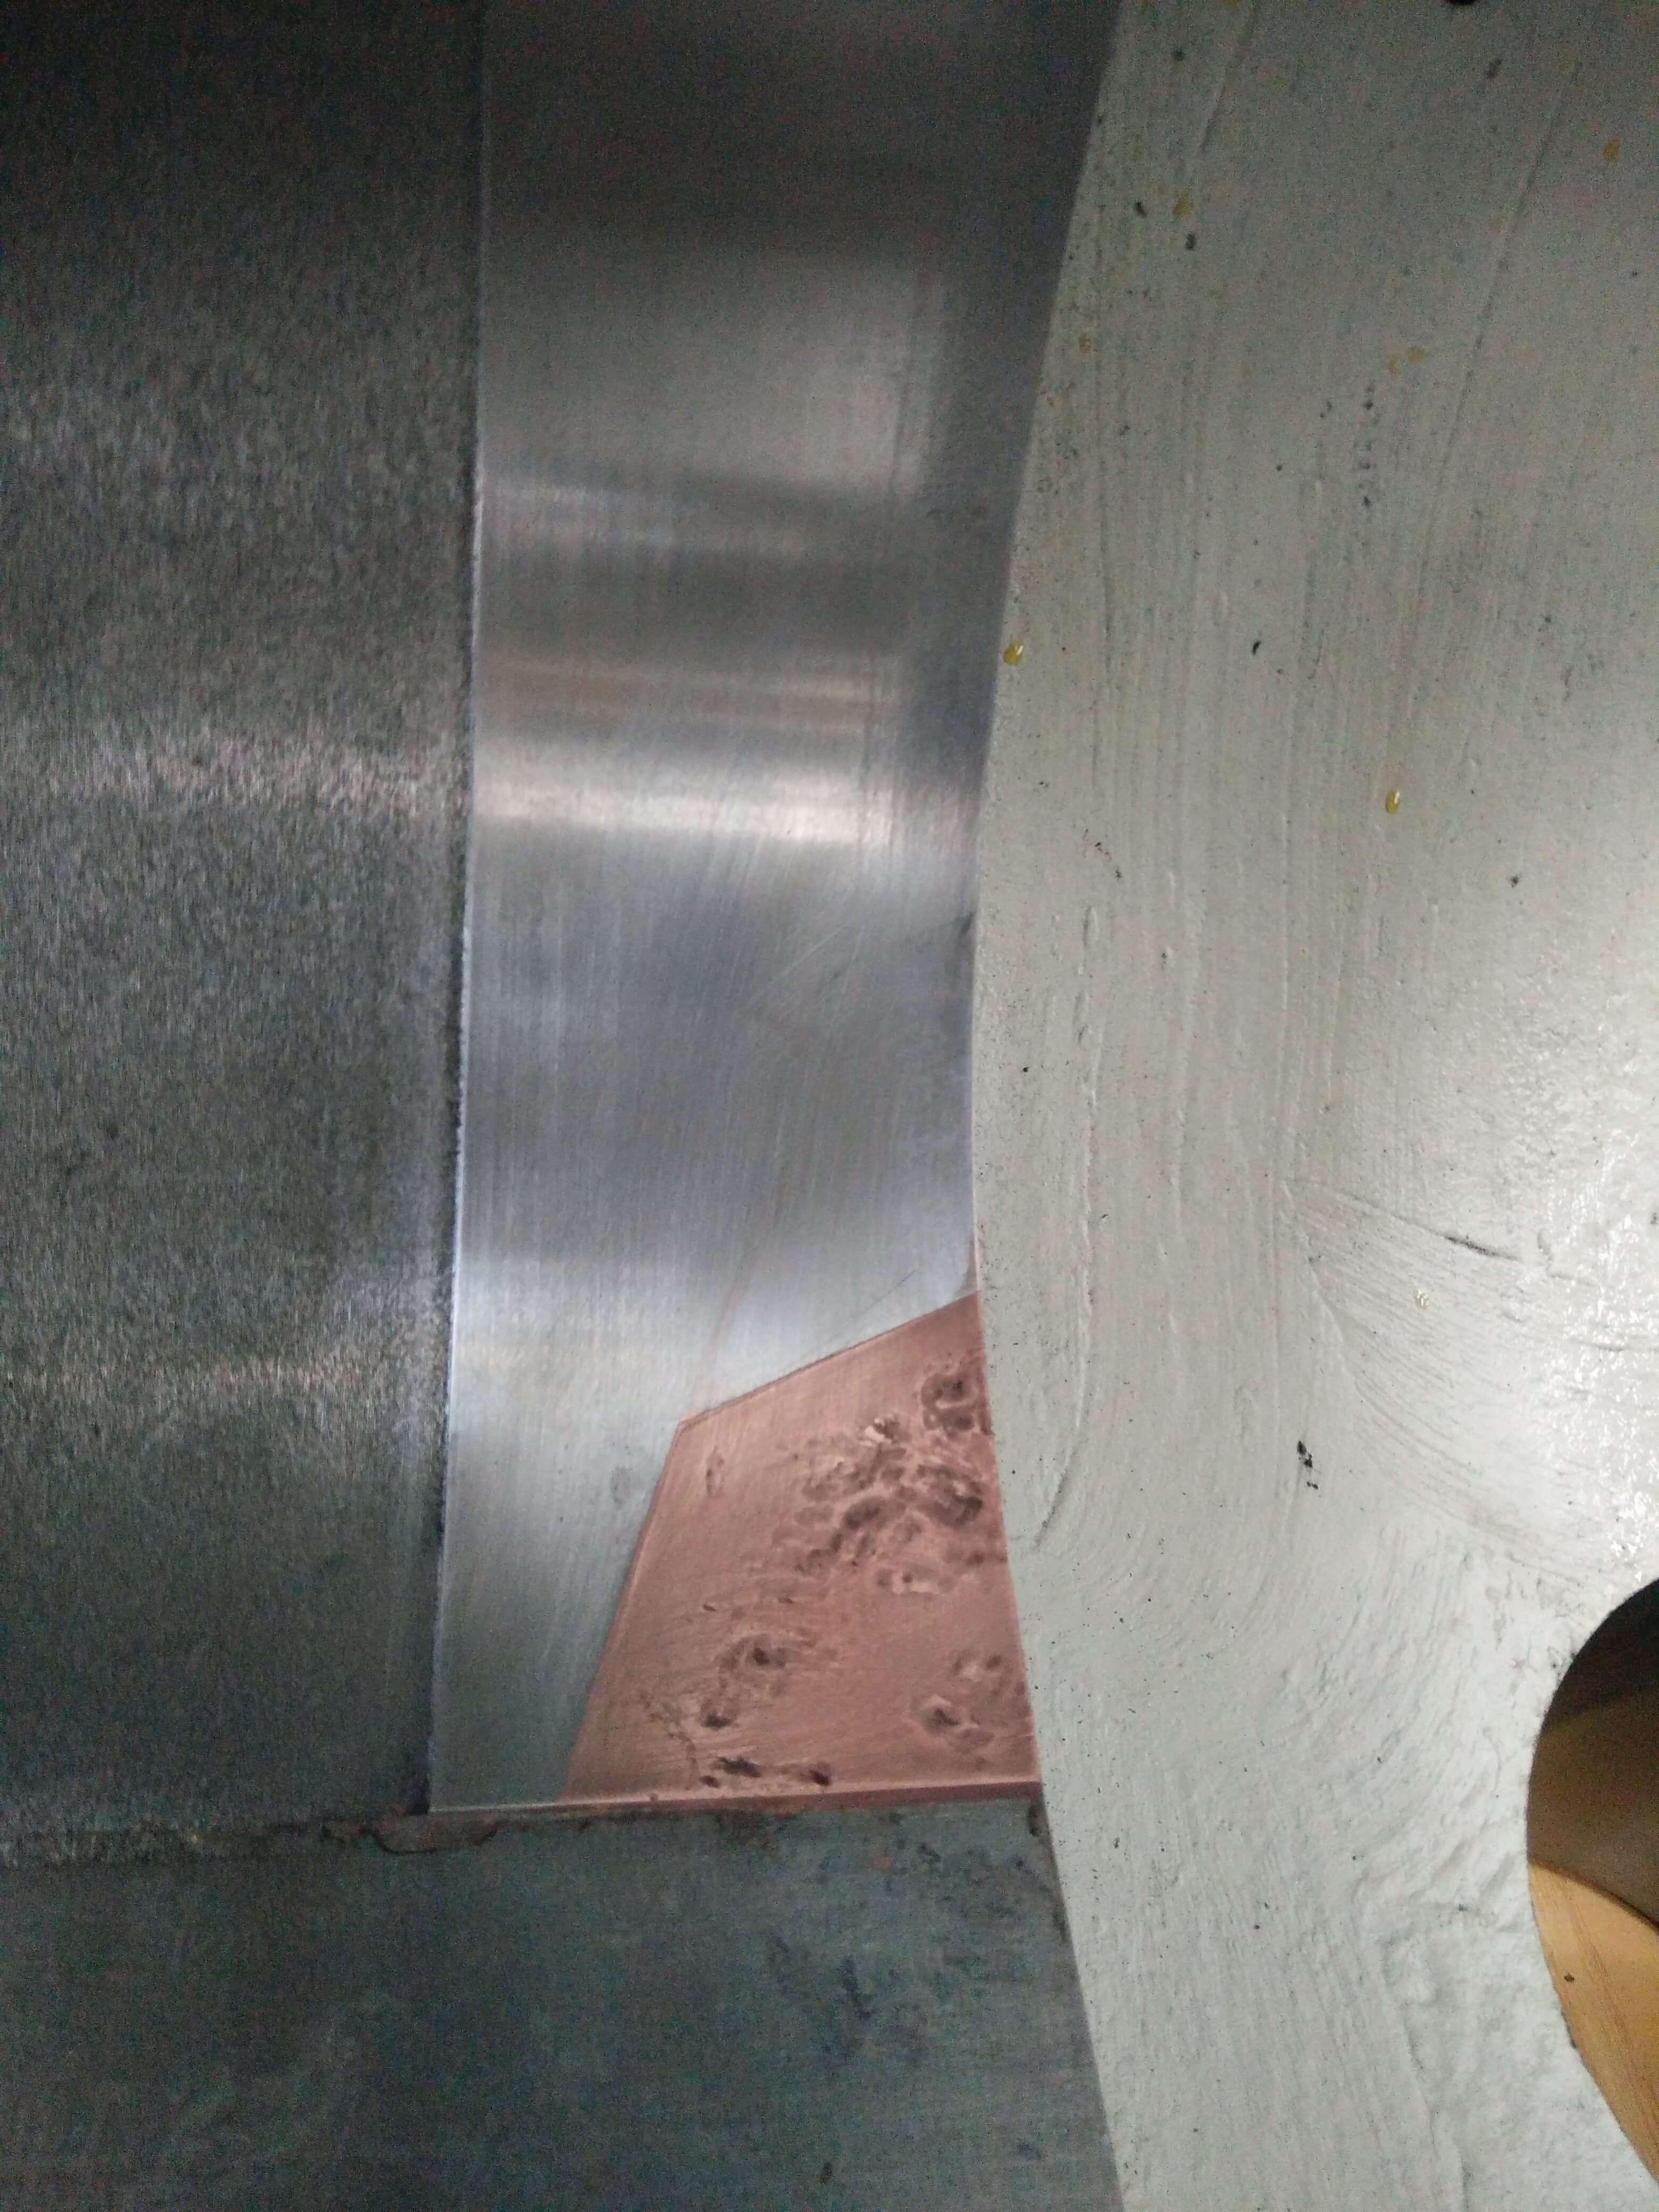 Lunkernest in einem Gehäuse durch Tampongalvanisieren mit Kupfer aufgefüllt